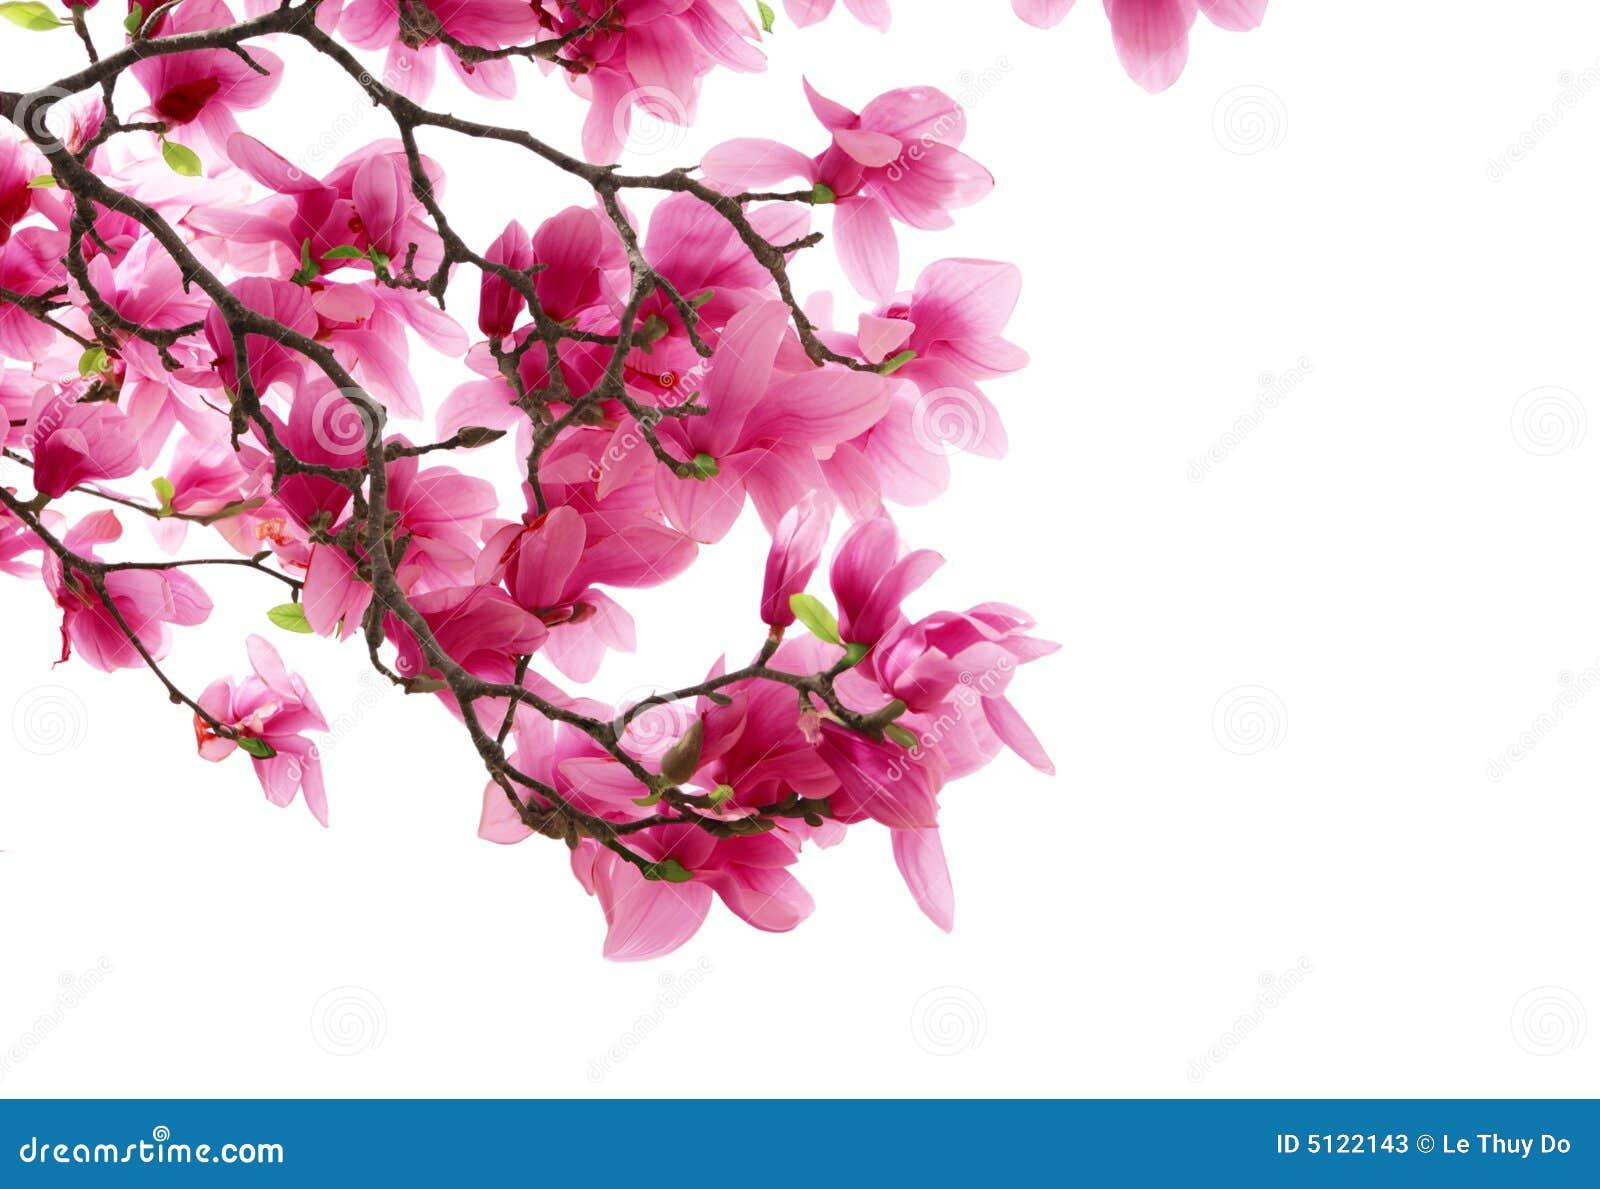 Magnolia clusters